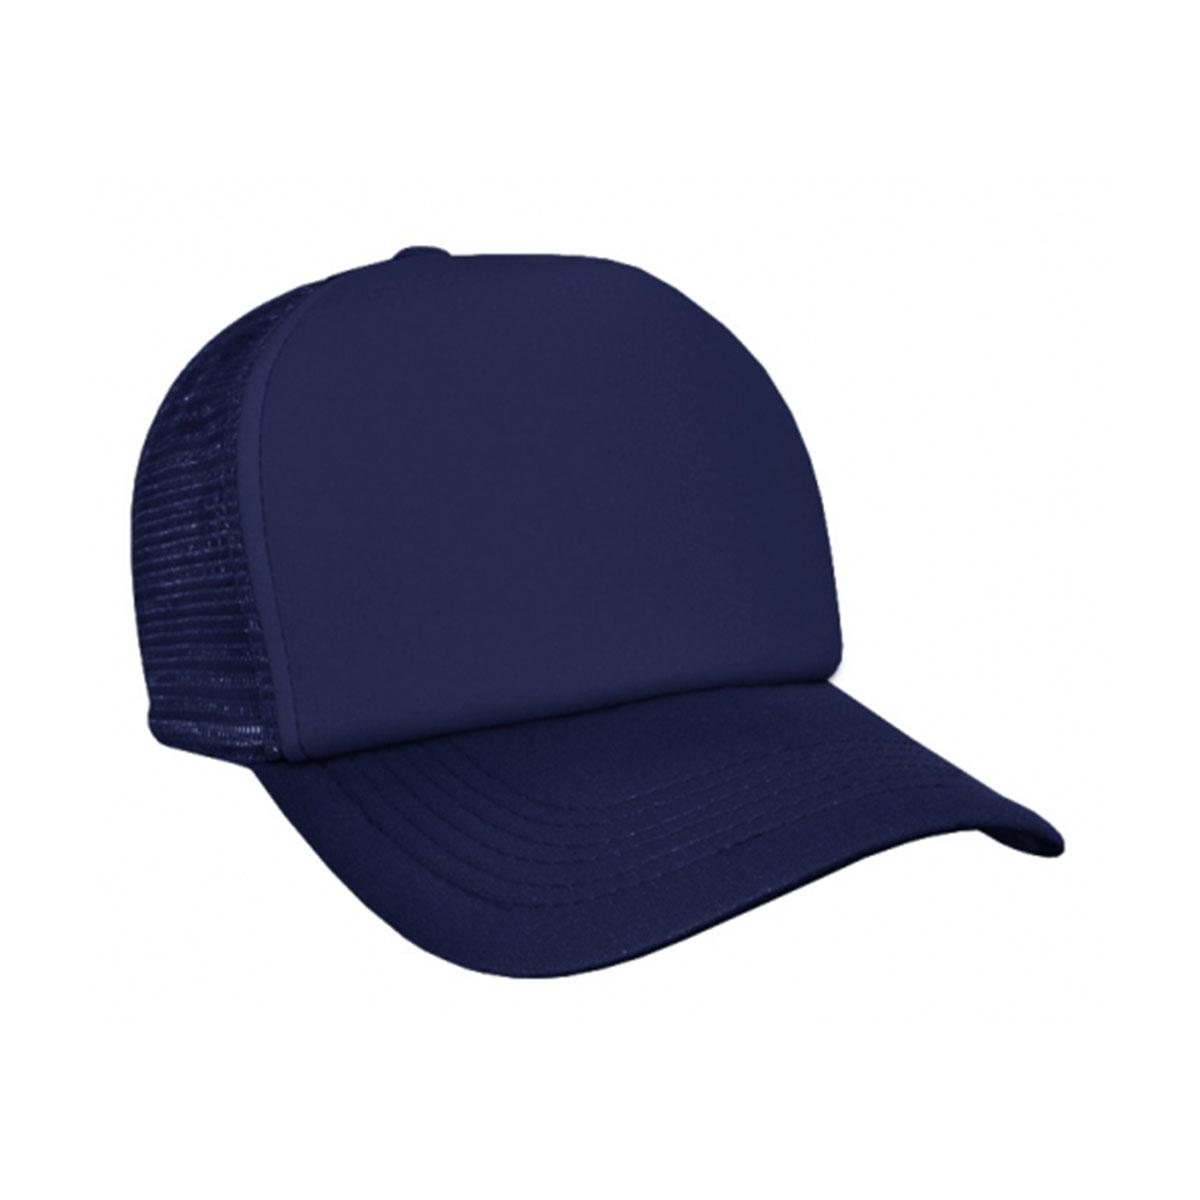 Trucker Mesh Cap-Navy